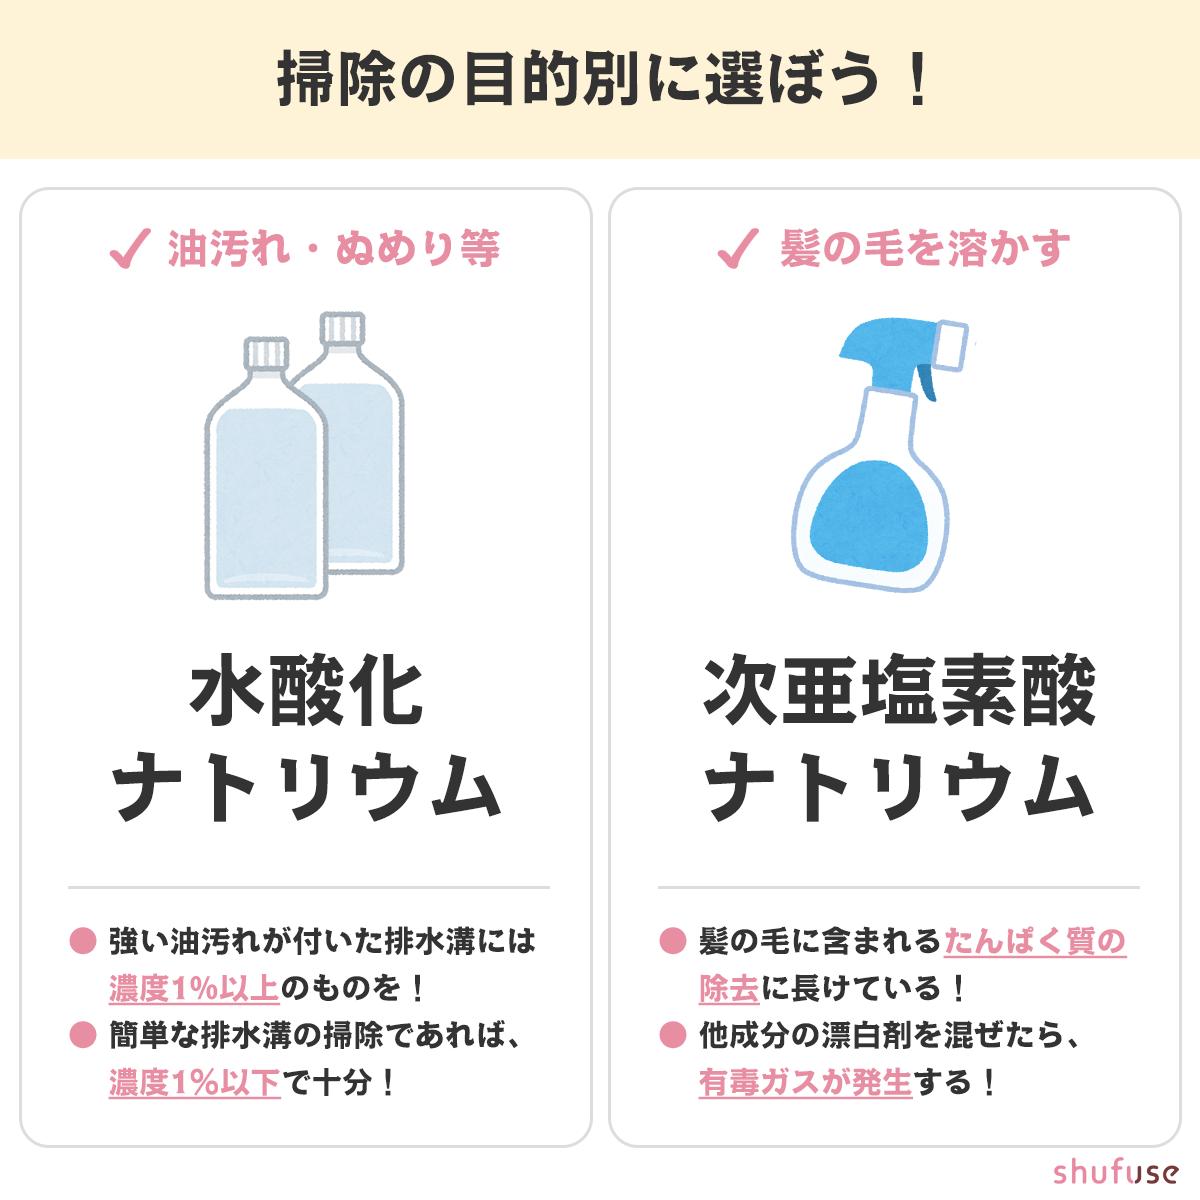 排水口洗剤は目的で選ぼう